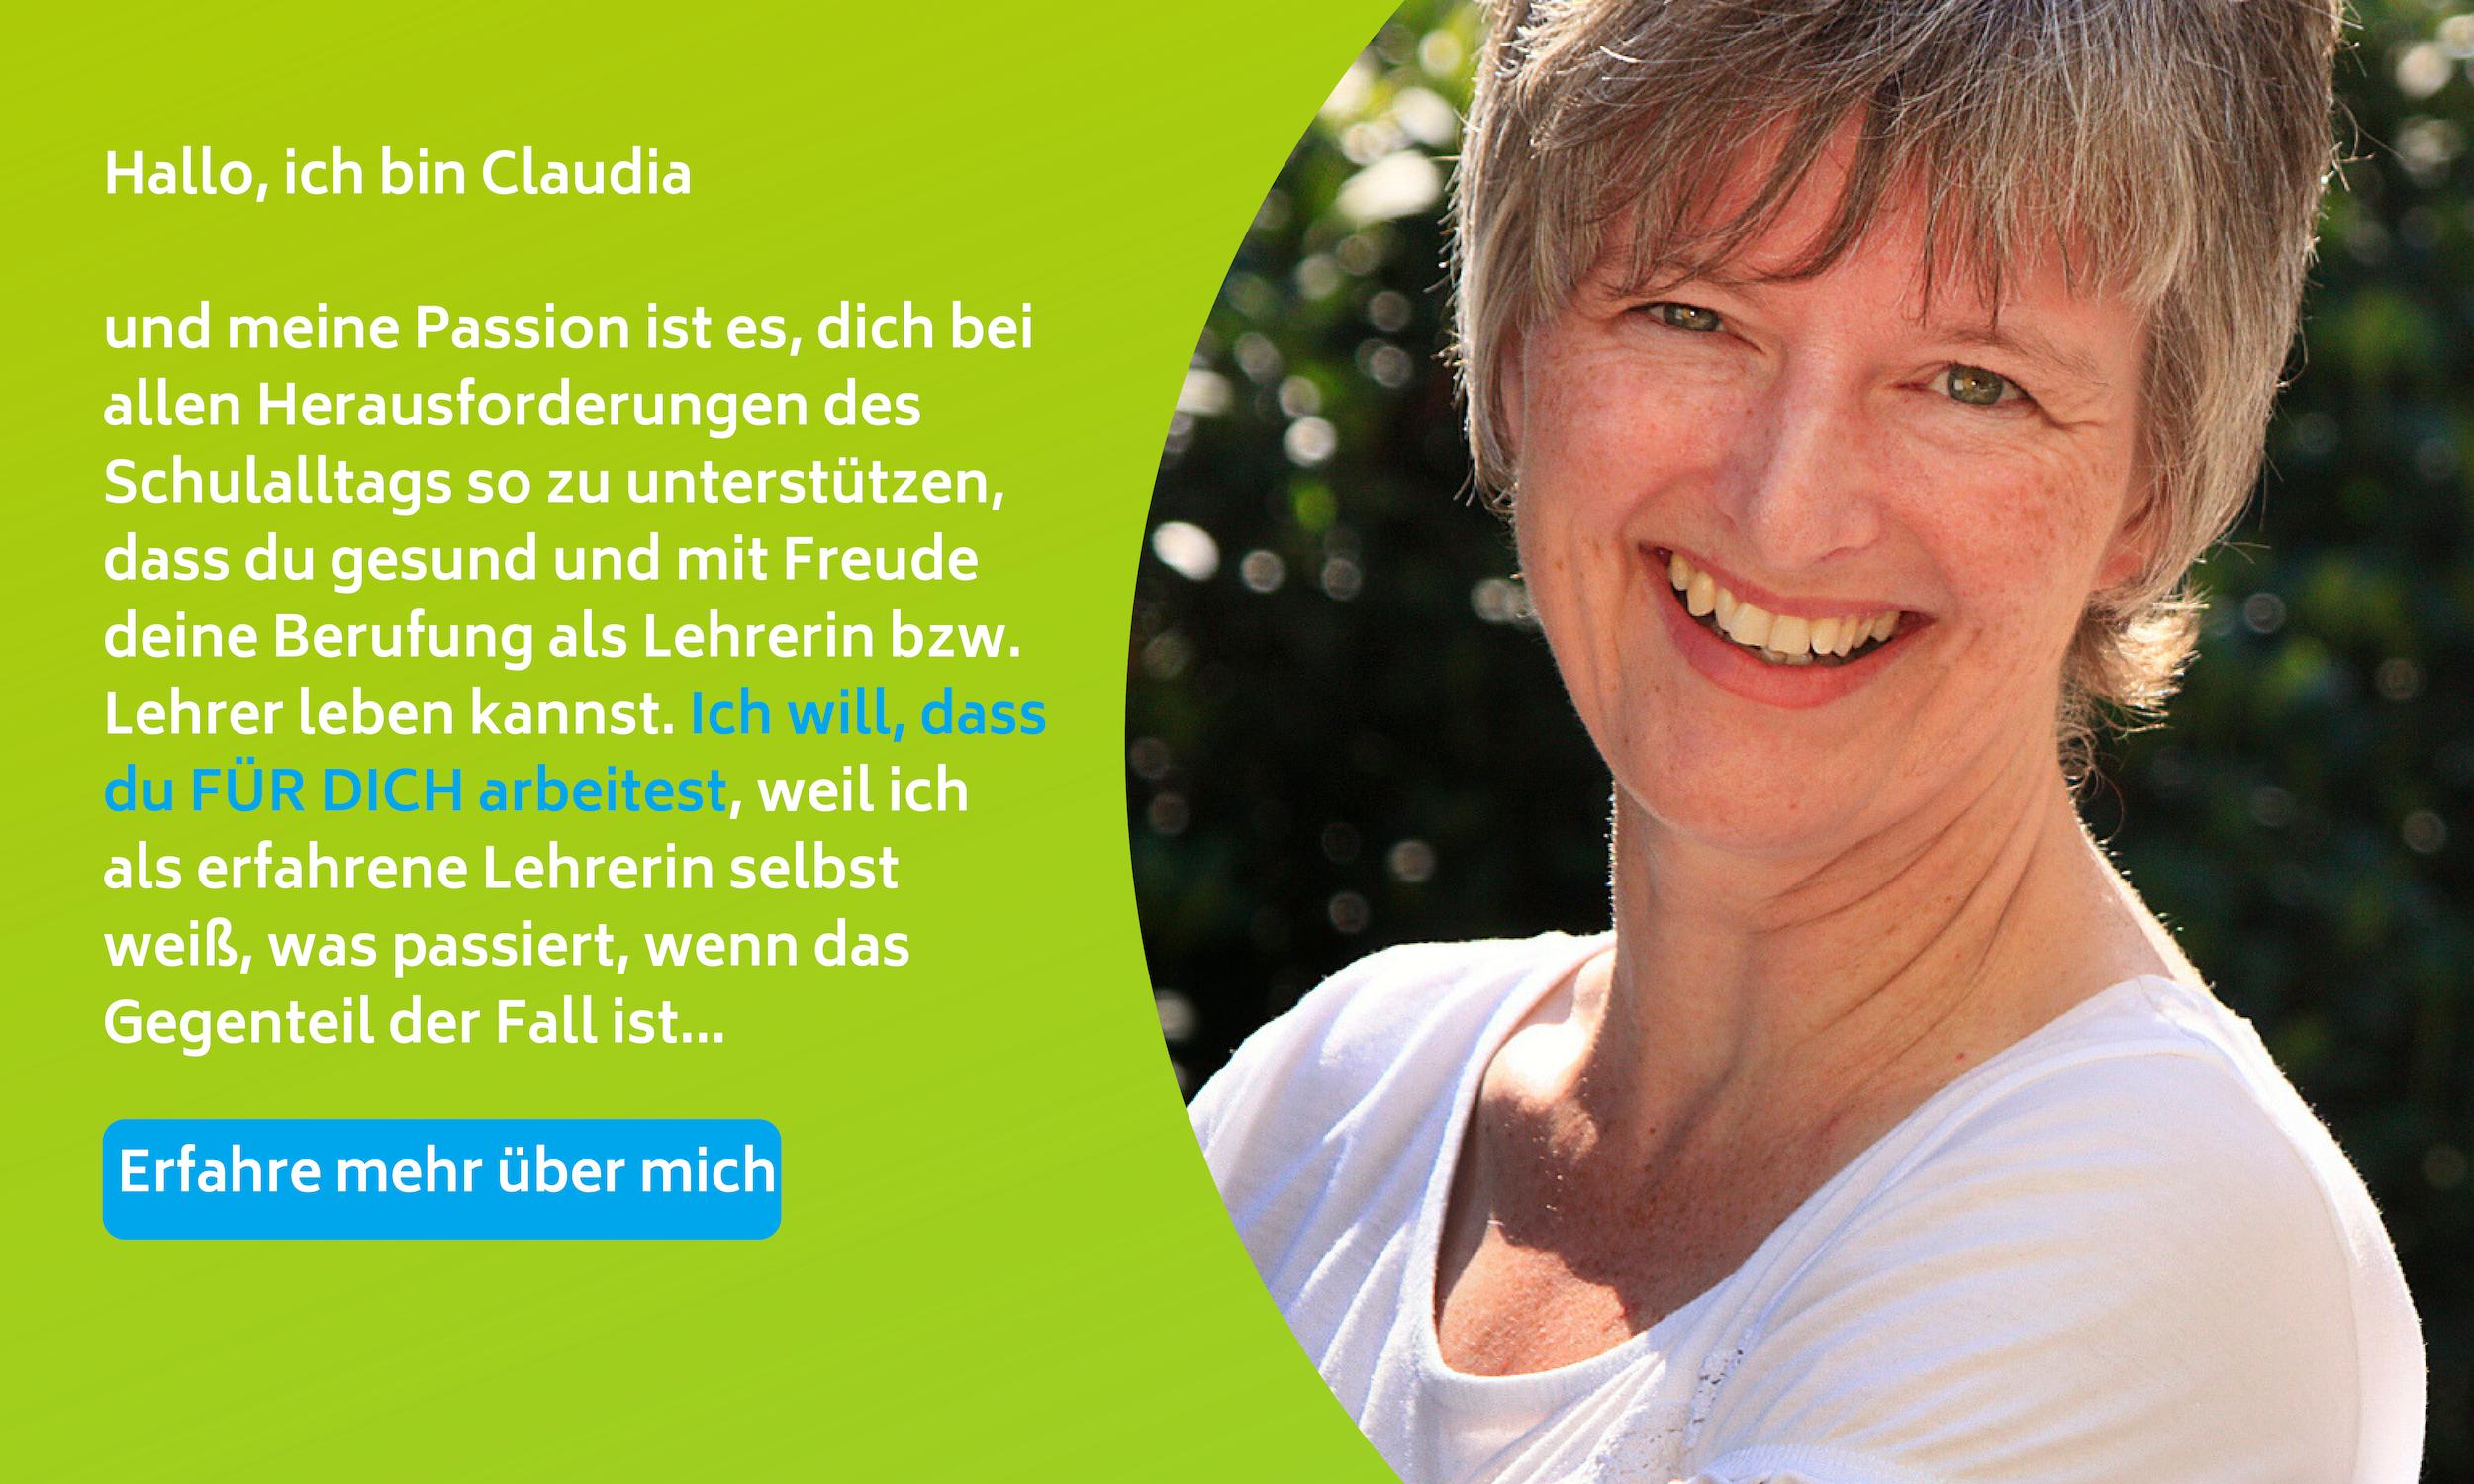 Claudia Rehder - meine Passion als erfahrene Lehrerin